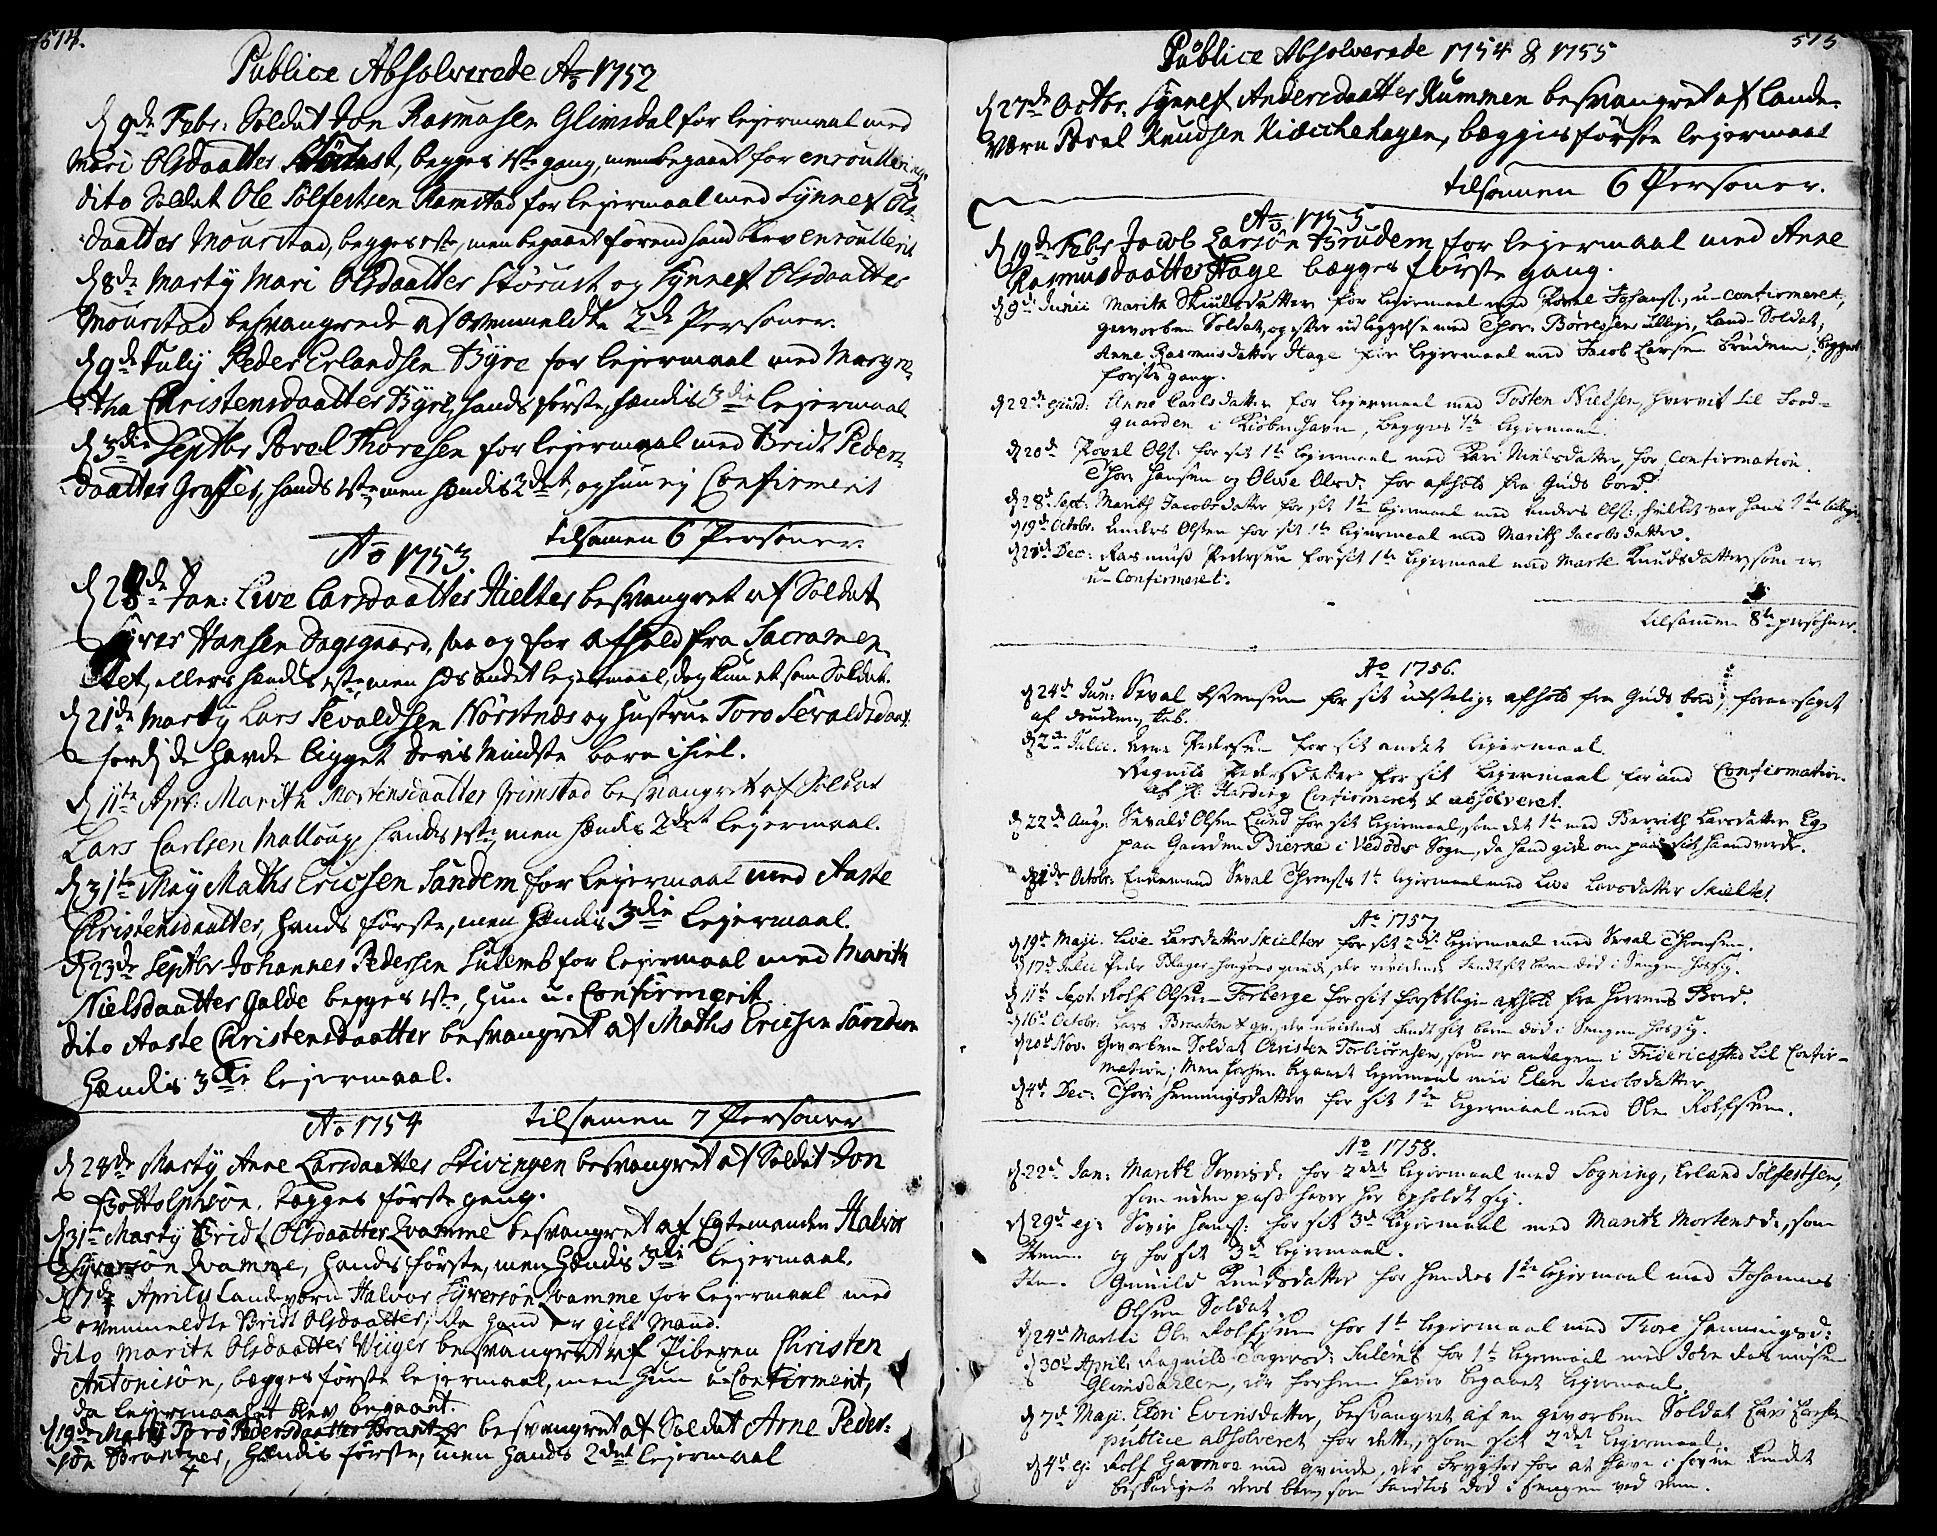 SAH, Lom prestekontor, K/L0002: Ministerialbok nr. 2, 1749-1801, s. 514-515